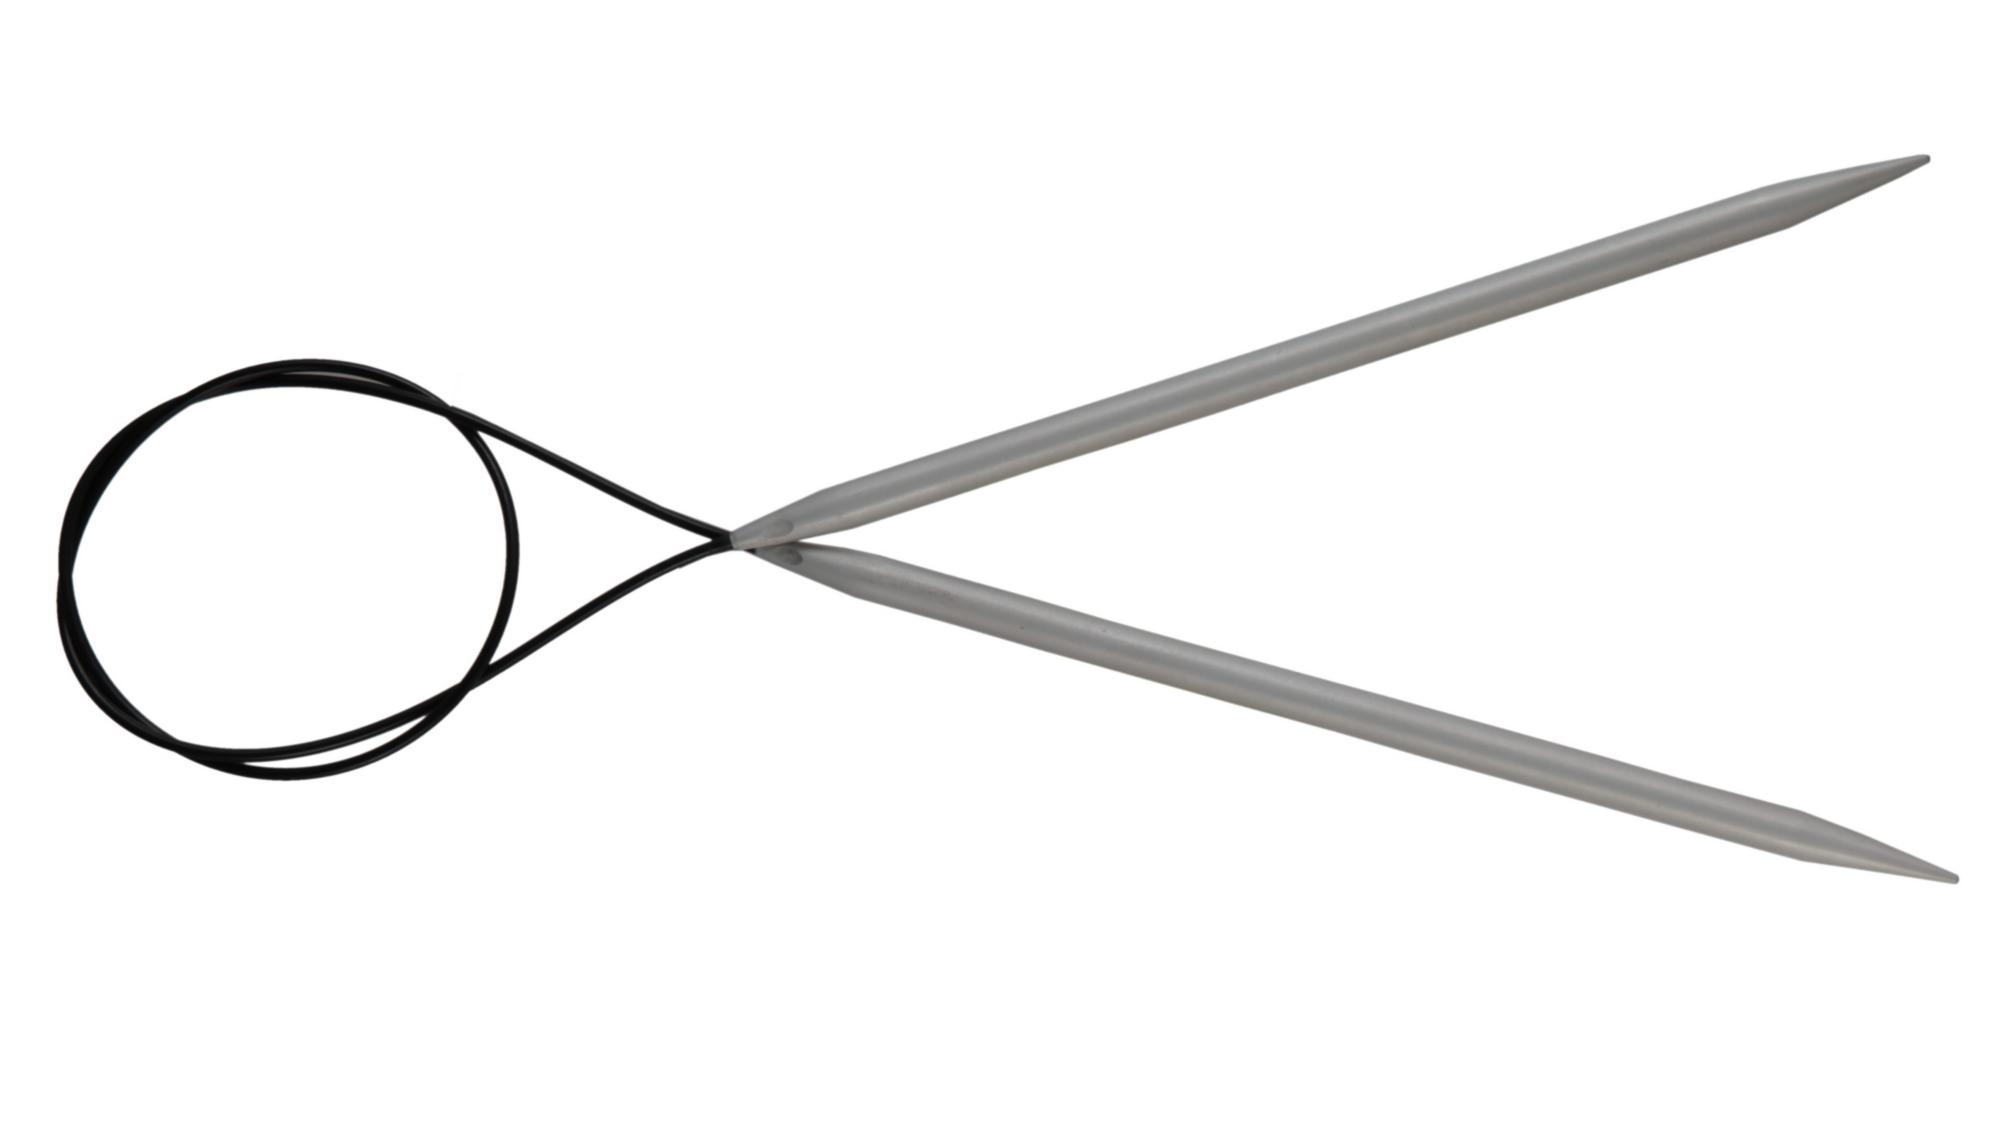 Спицы круговые 120 см Basix Aluminium KnitPro, 45354, 3.50 мм